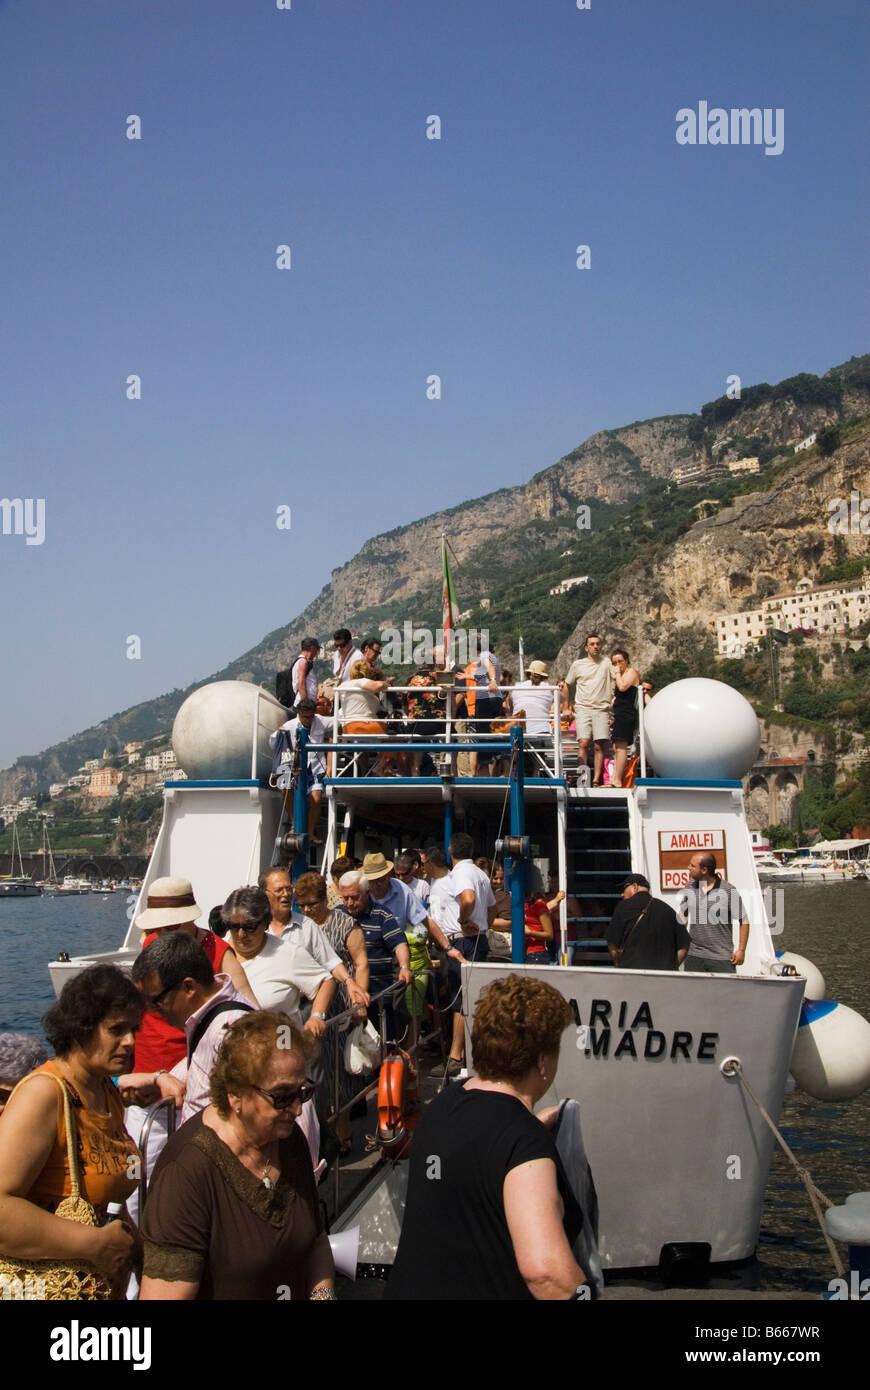 Eine Gruppe von Senioren eine Fähre in Amalfi, Kampanien, Italien angedockt abweichen Stockbild